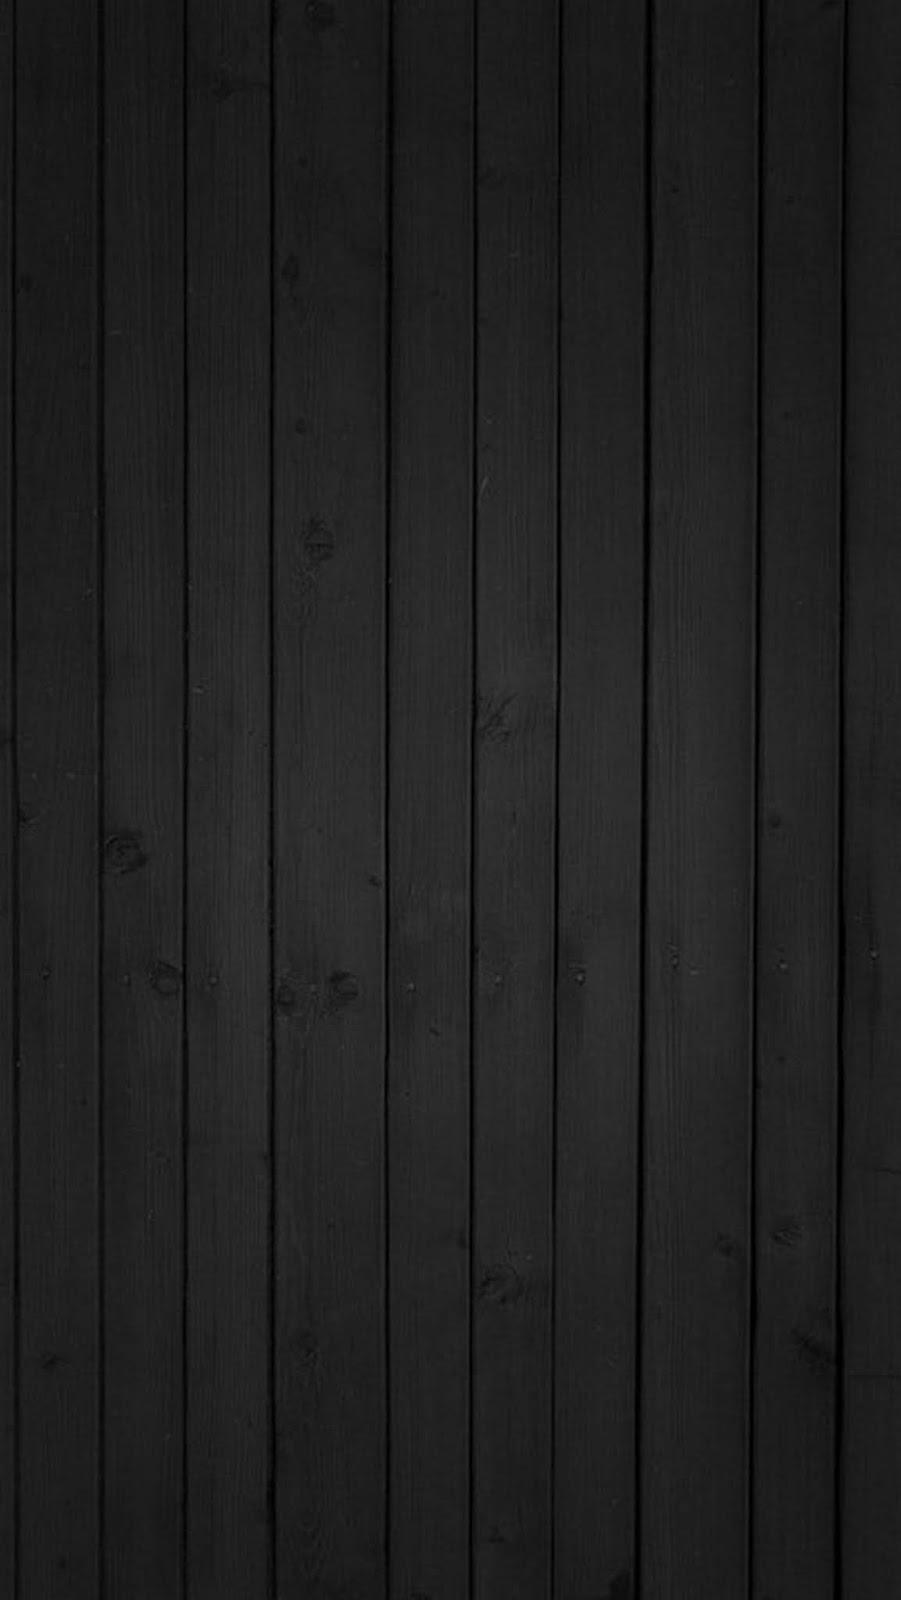 pleasant iphone 11 plus wallpaper black top4um pleasant iphone 11 plus wallpaper black